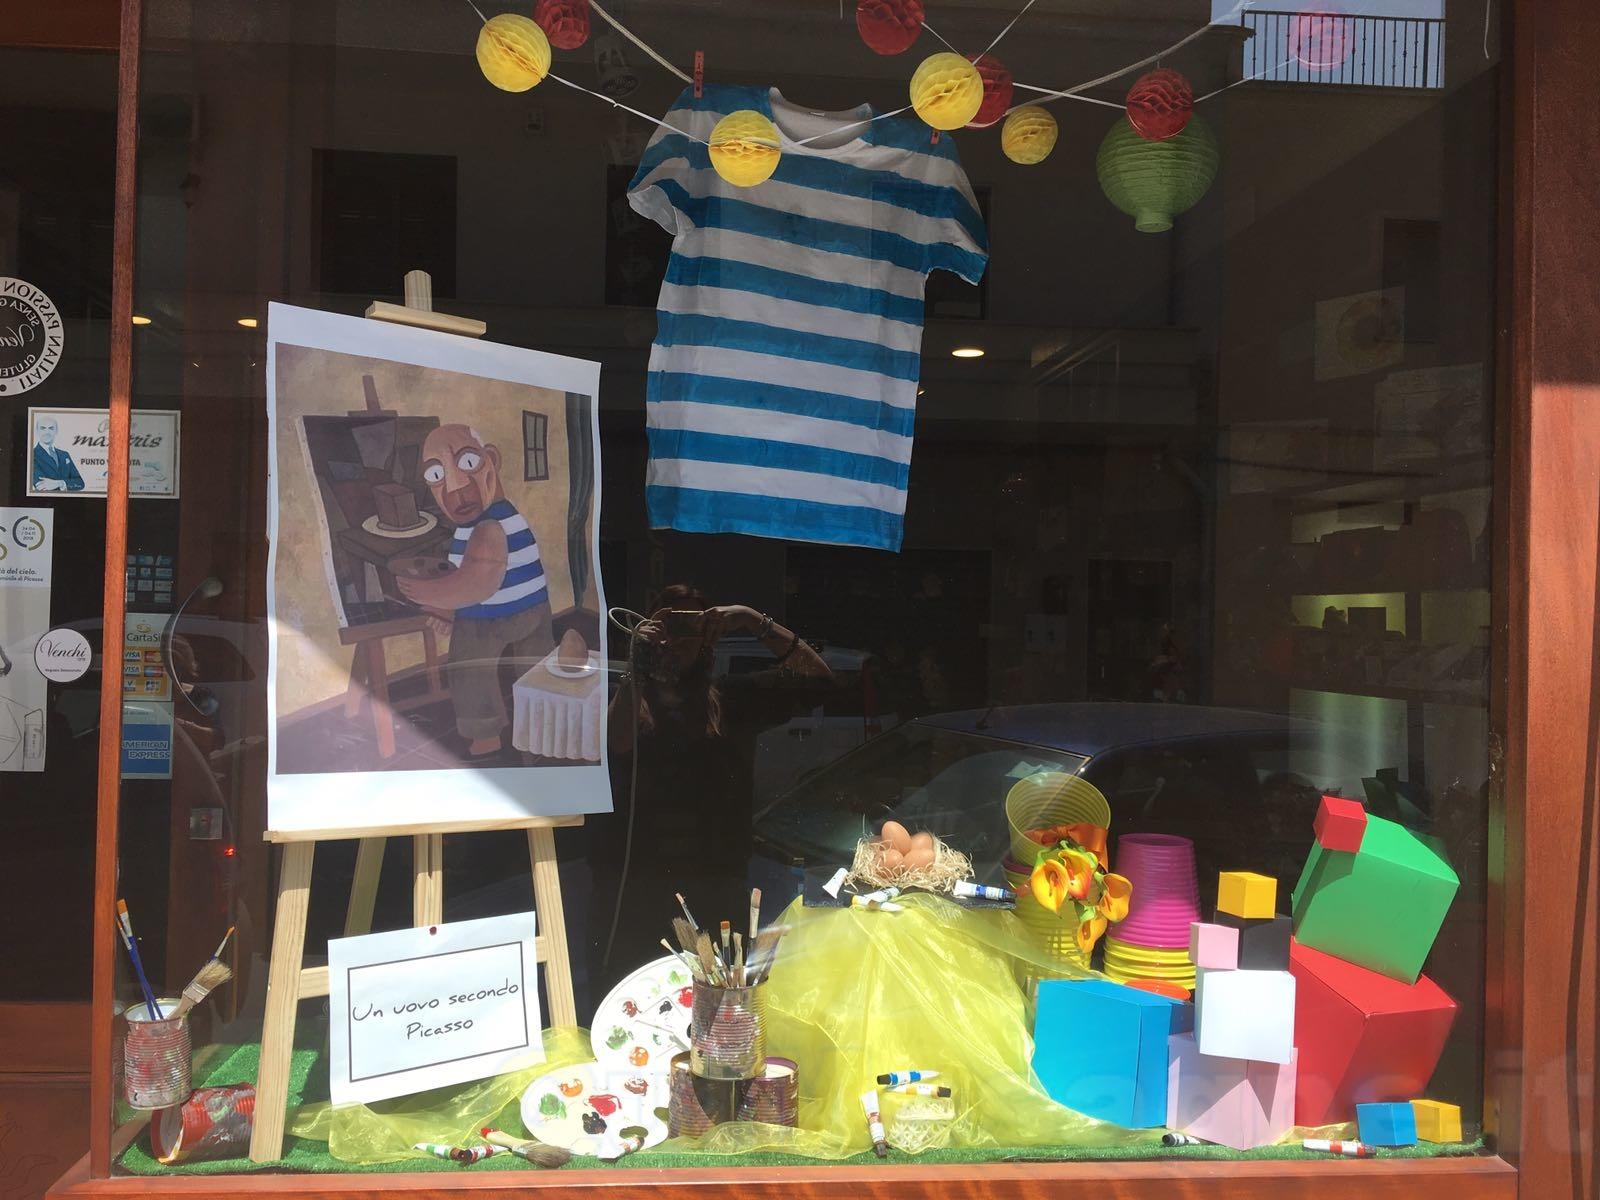 Il genio di Picasso raccontato attraverso i negozi. Carone lancia il progetto #larteinvetrina